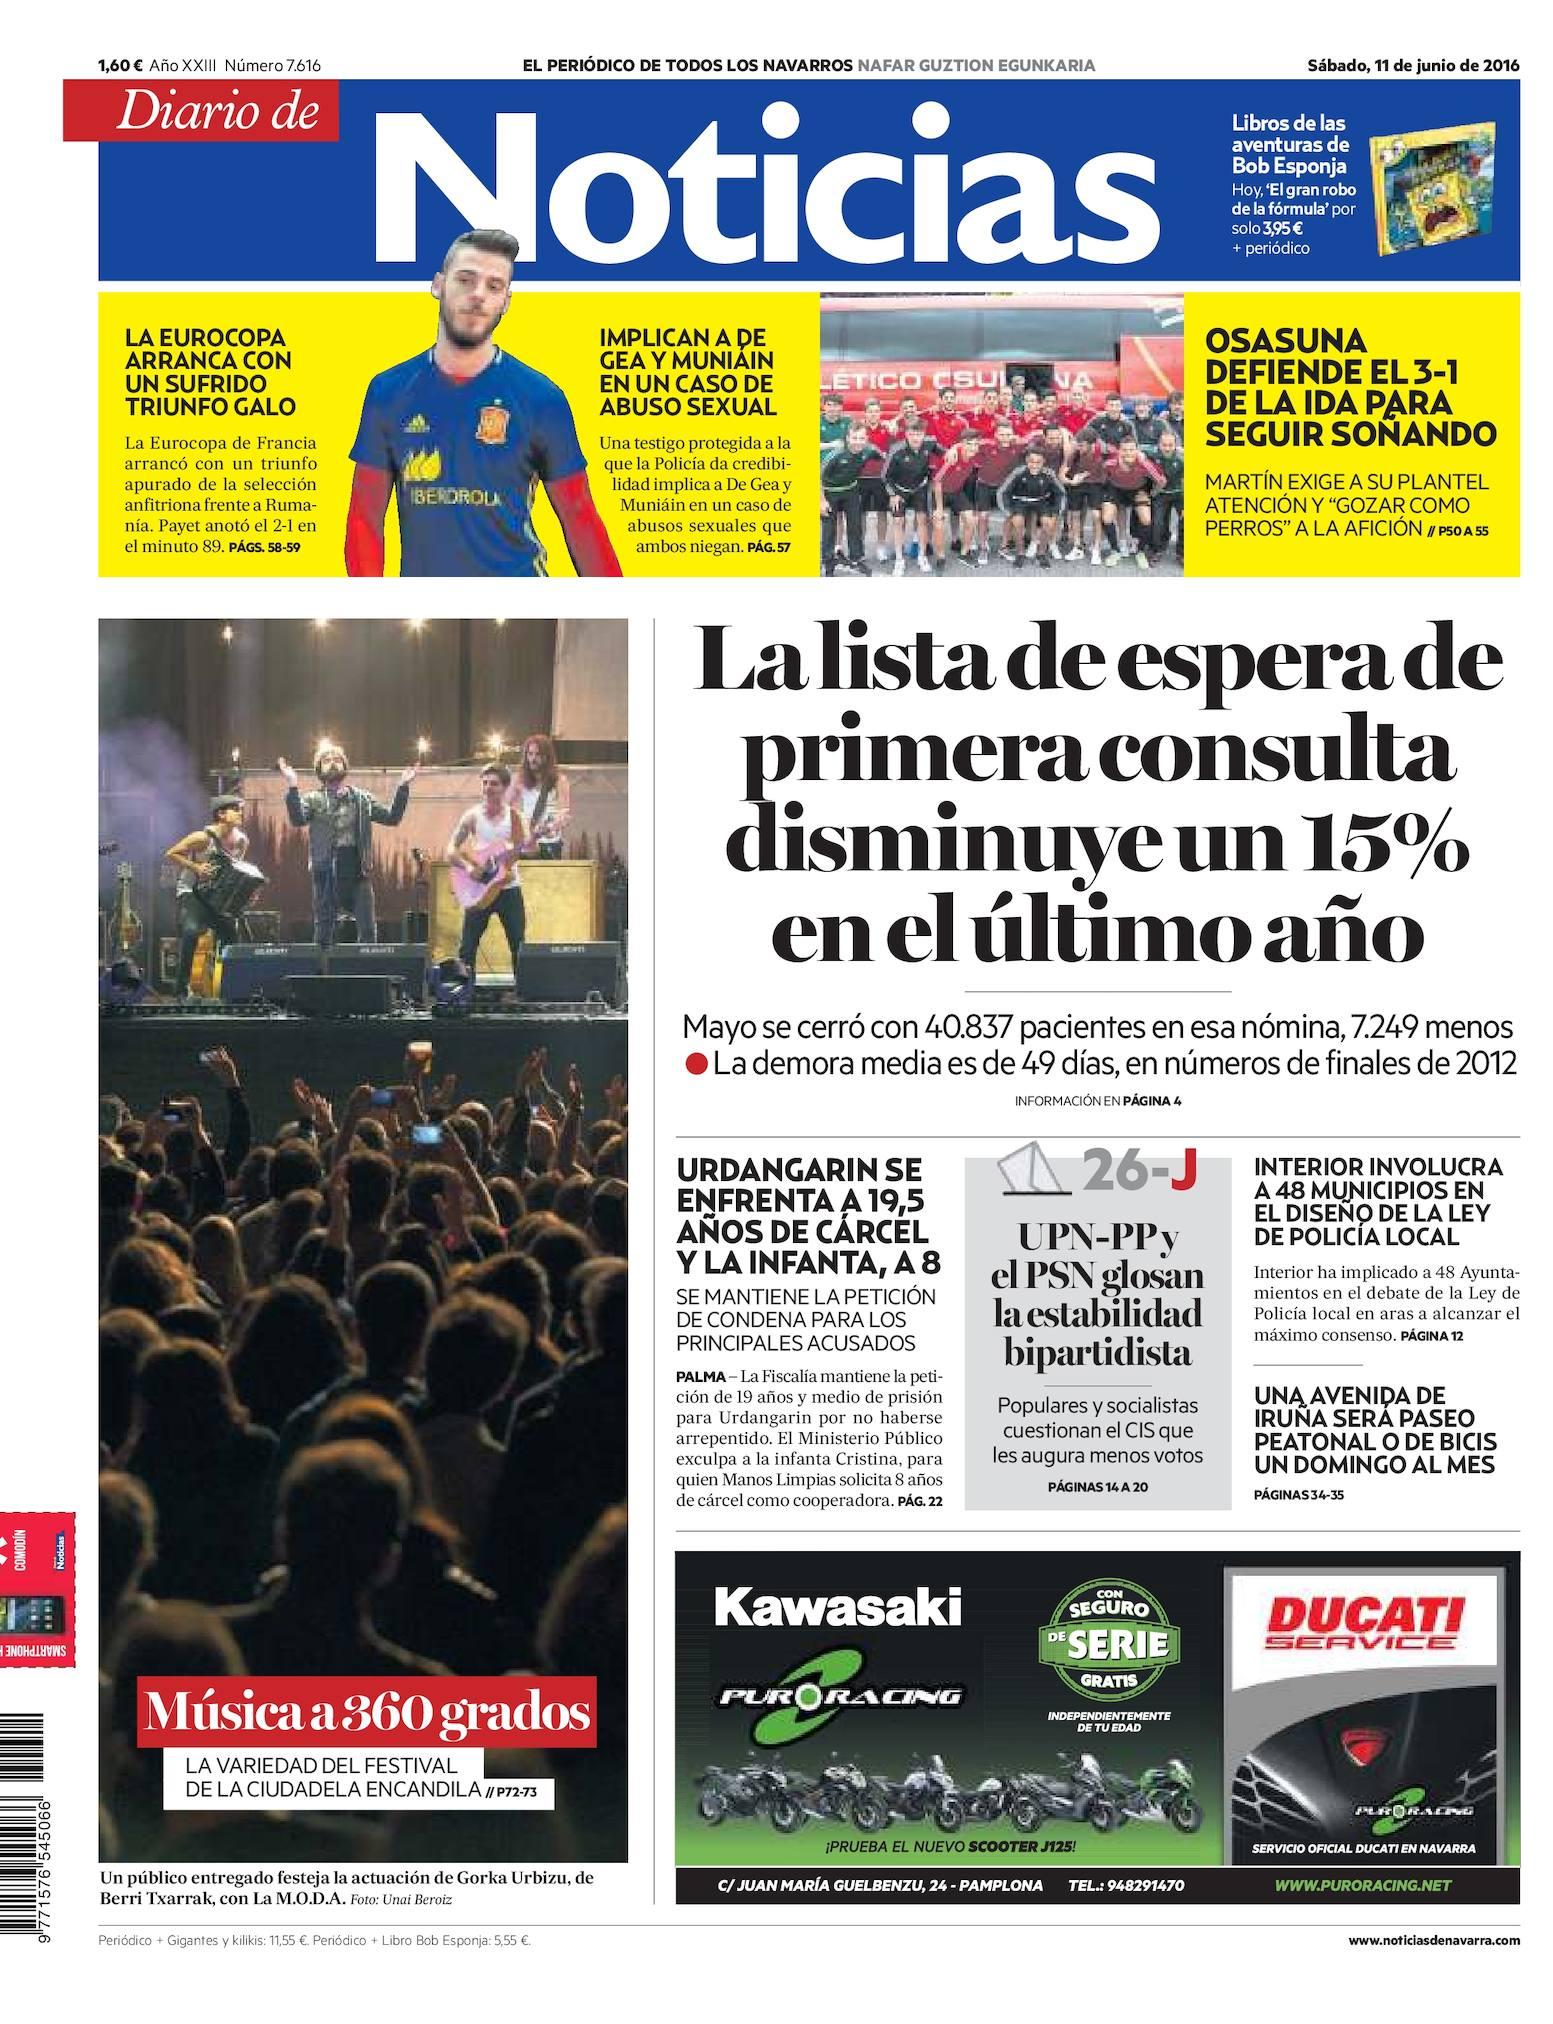 Calaméo - Diario de Noticias 20160611 31f742fa077